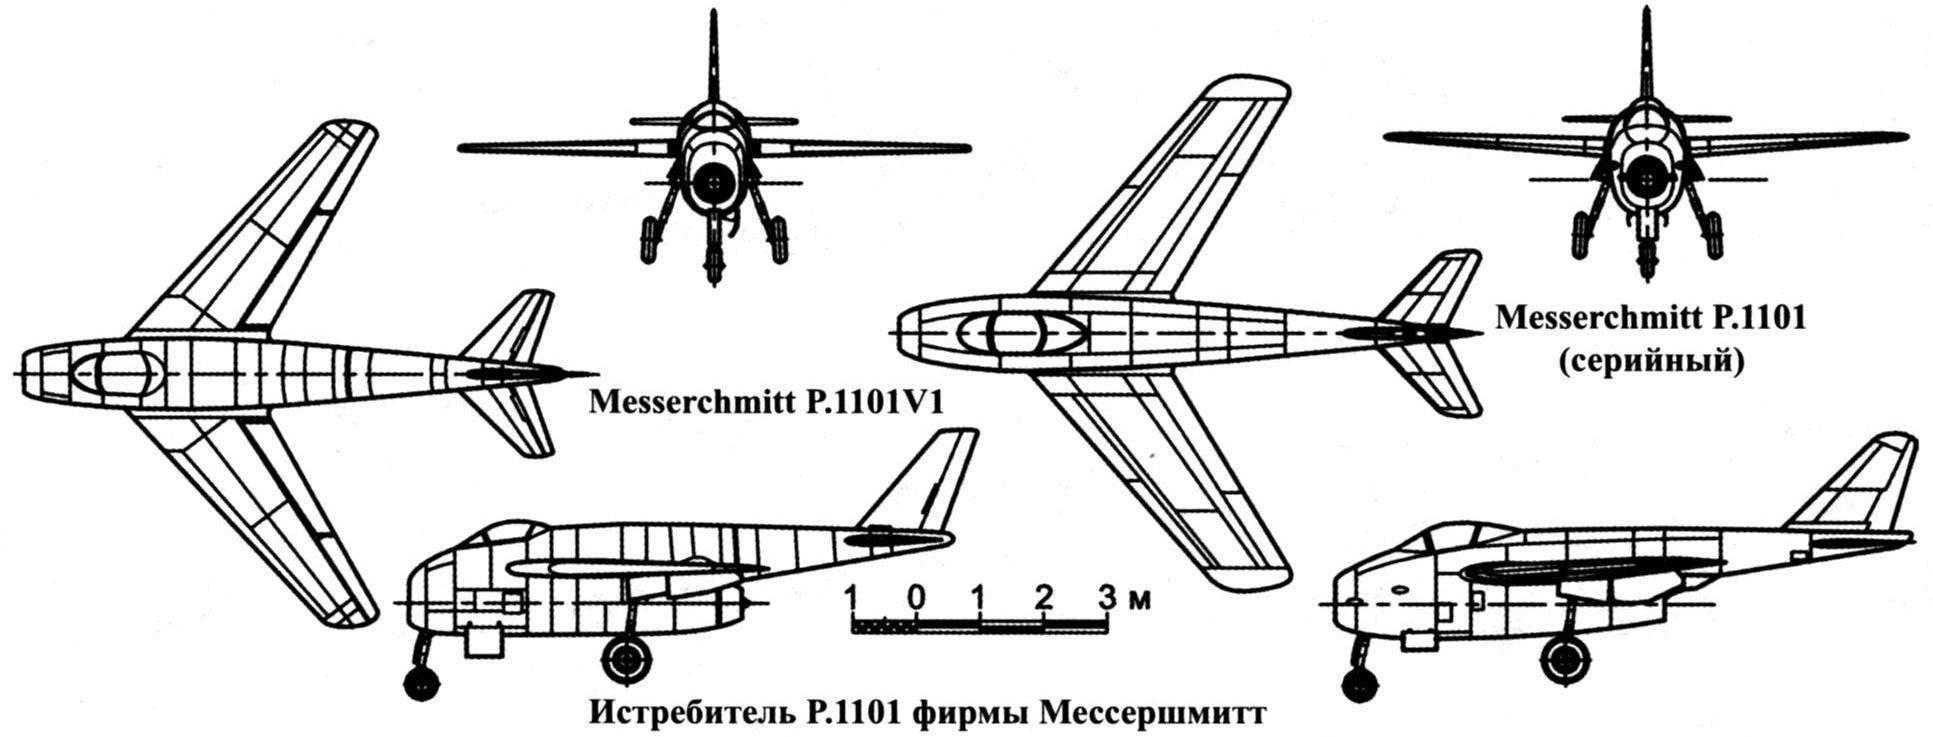 Истребитель Р.1101 фирмы Мессершмитт